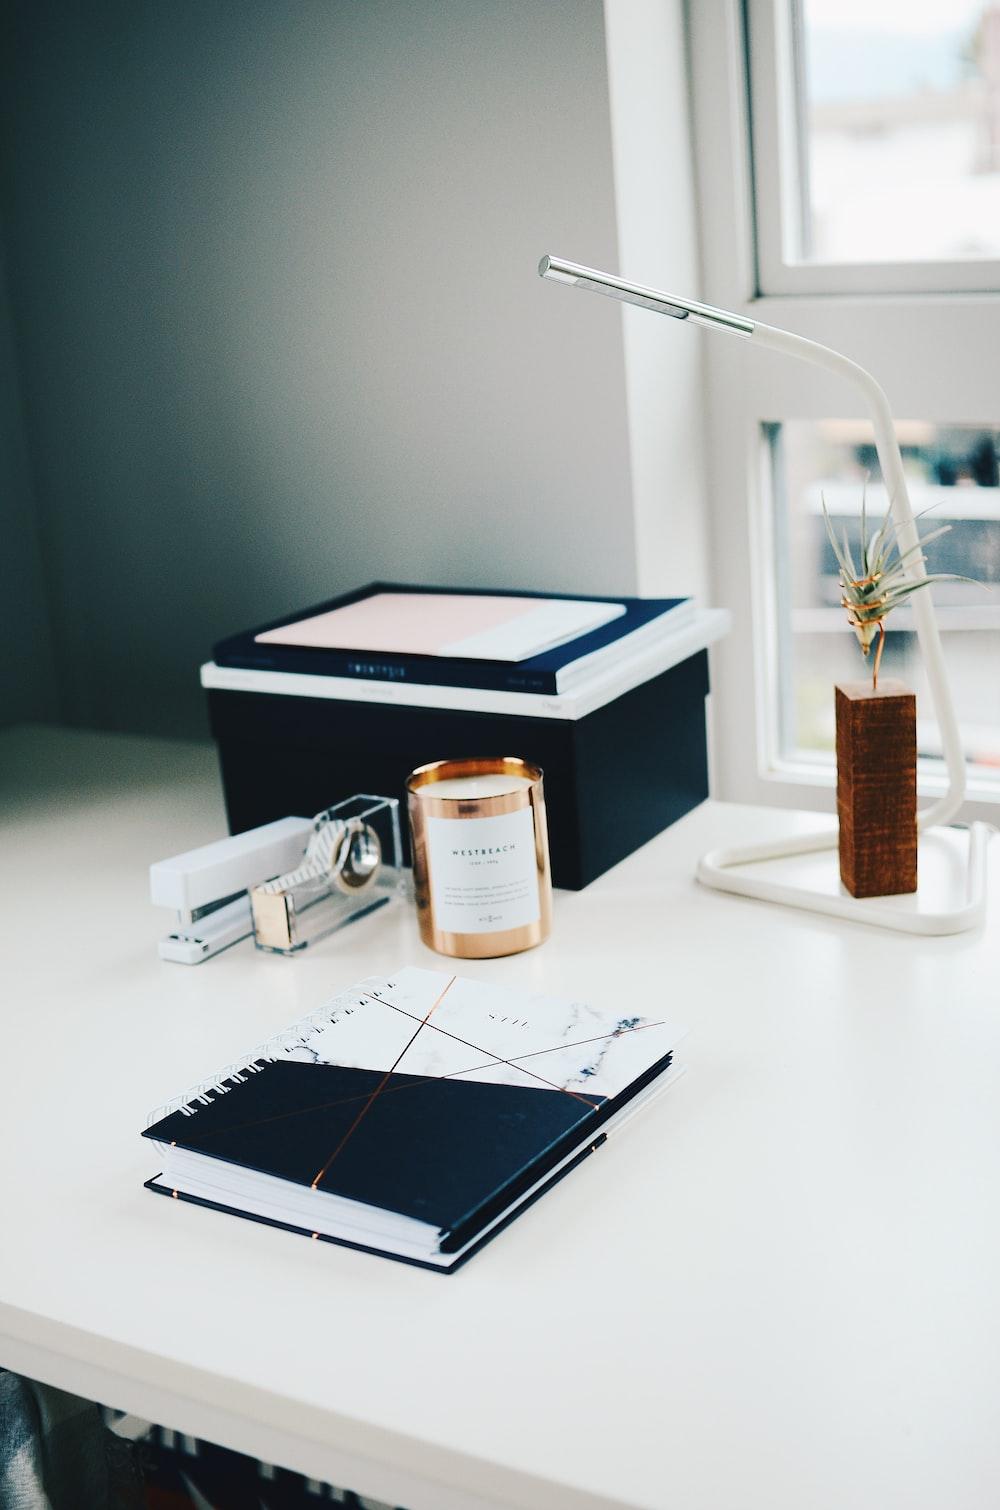 stapler beside tape and box on desk